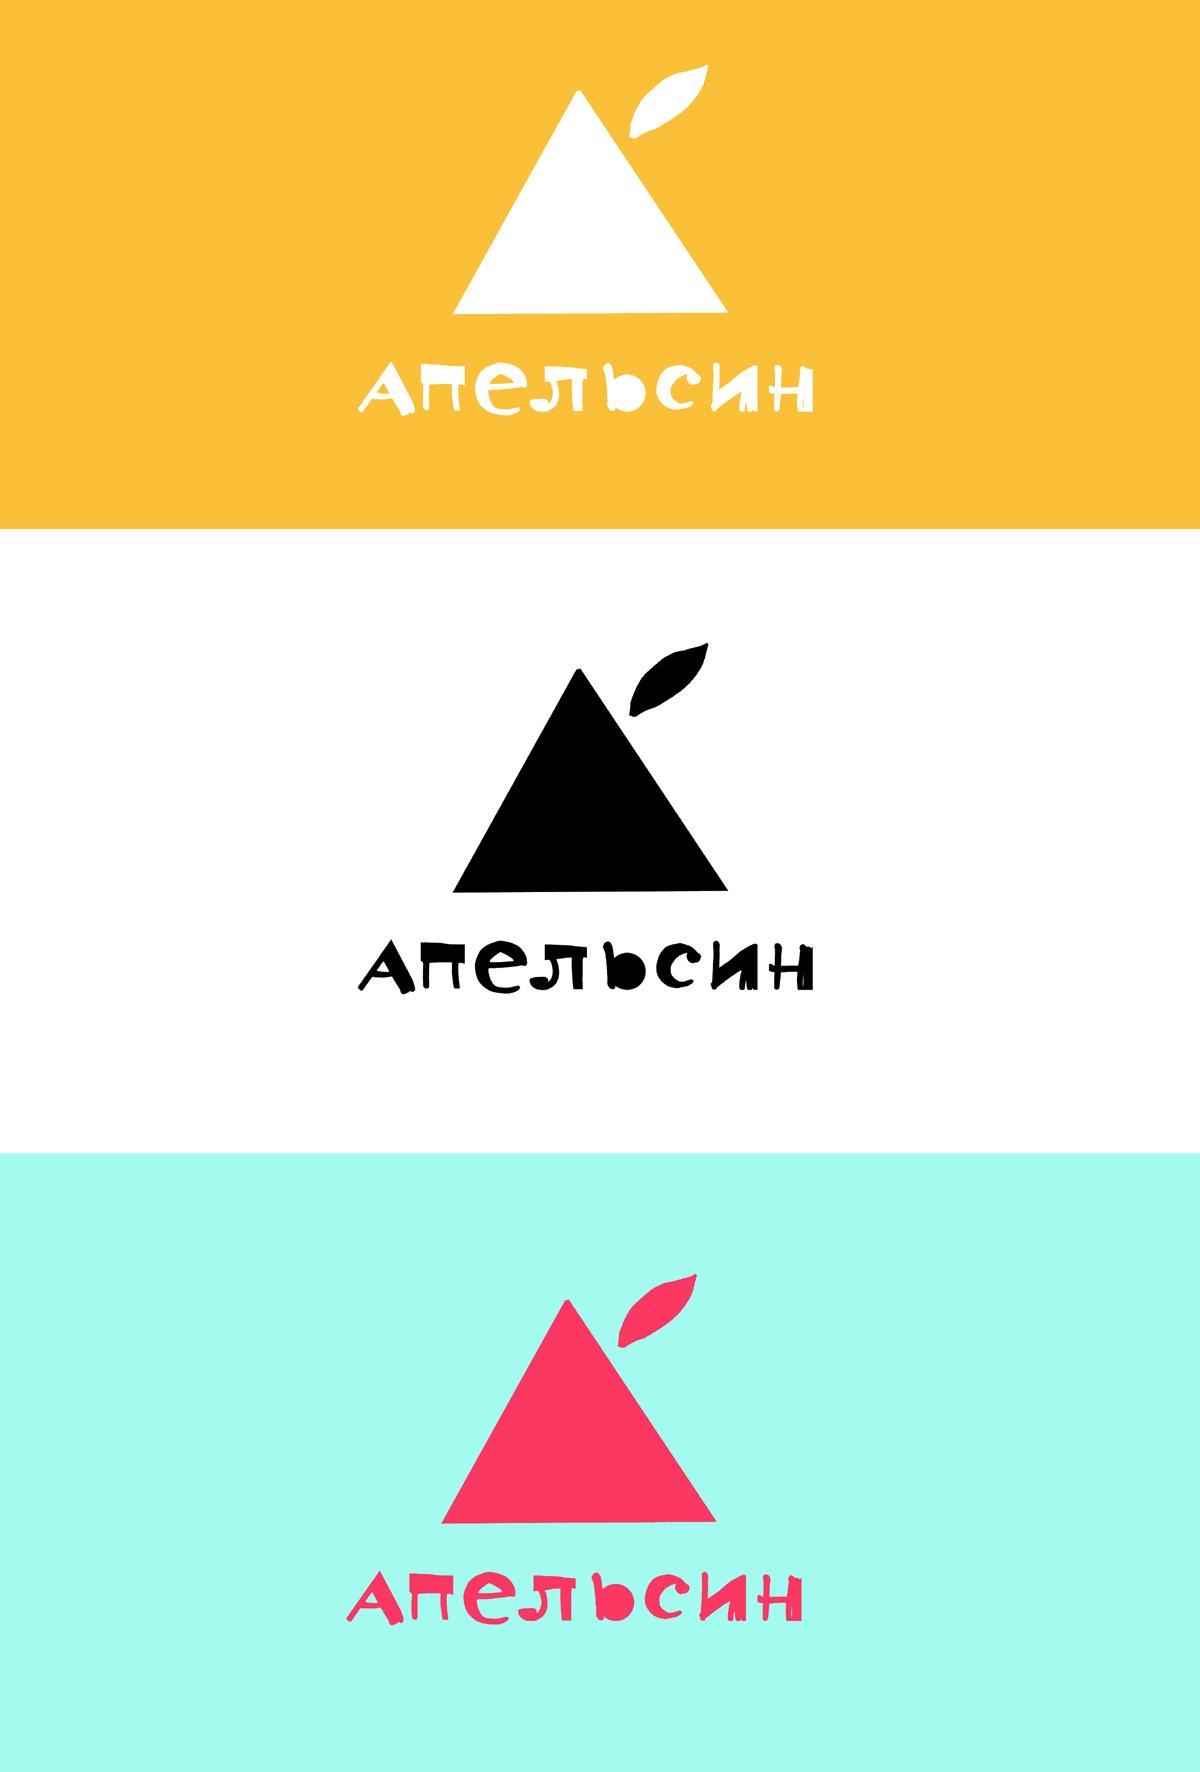 Логотип и фирменный стиль фото f_2175a722de193ba3.jpg